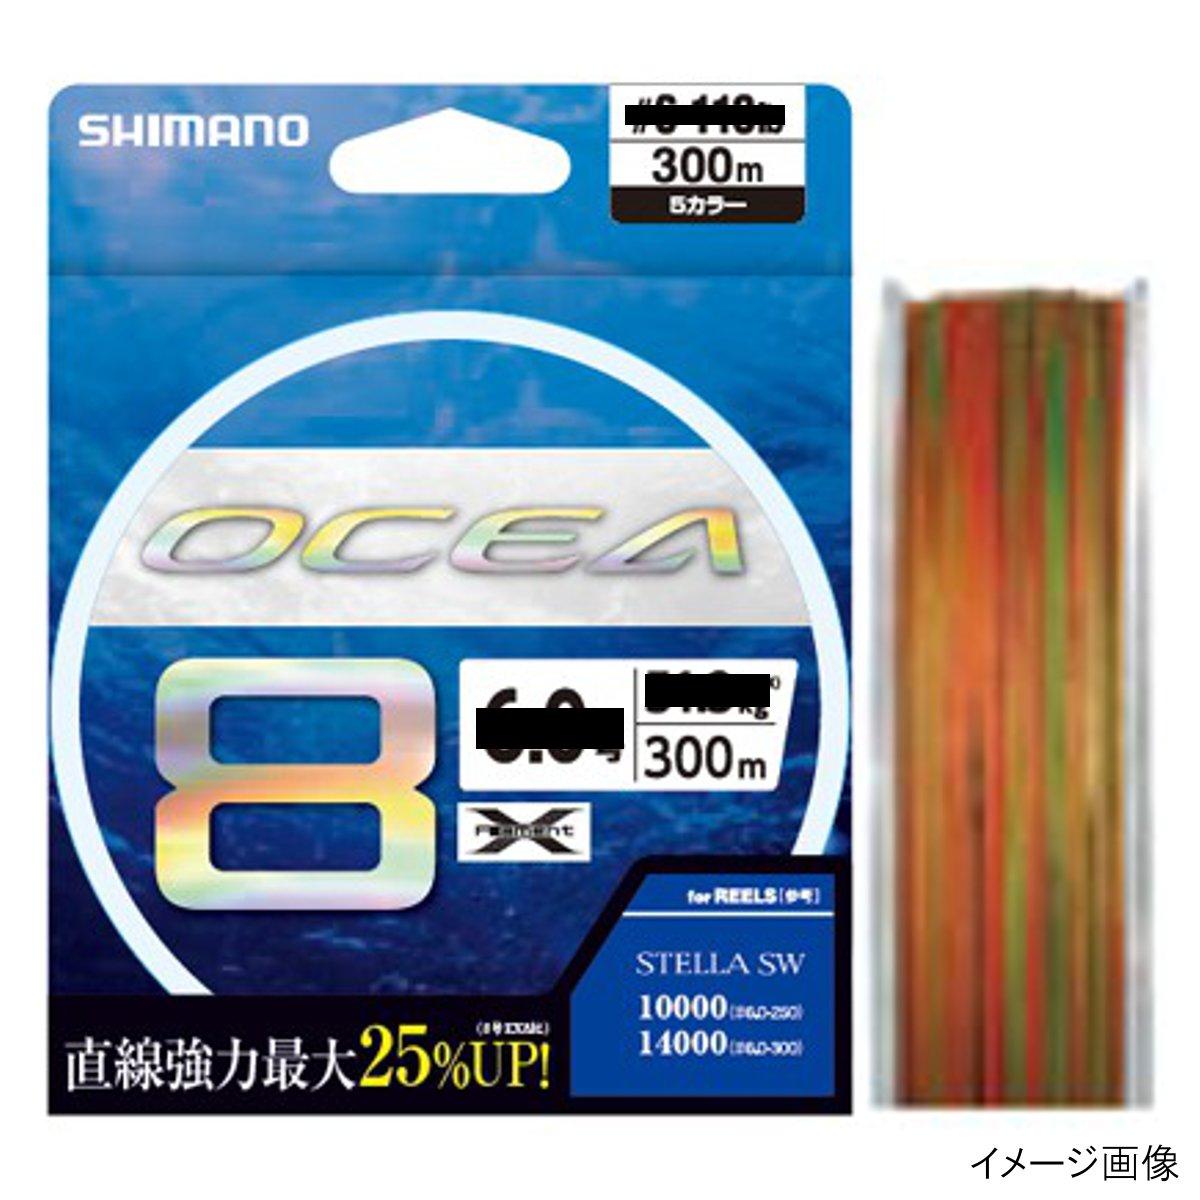 シマノ オシア8 LD-A71S 300m 8.0号 5カラー【ゆうパケット】